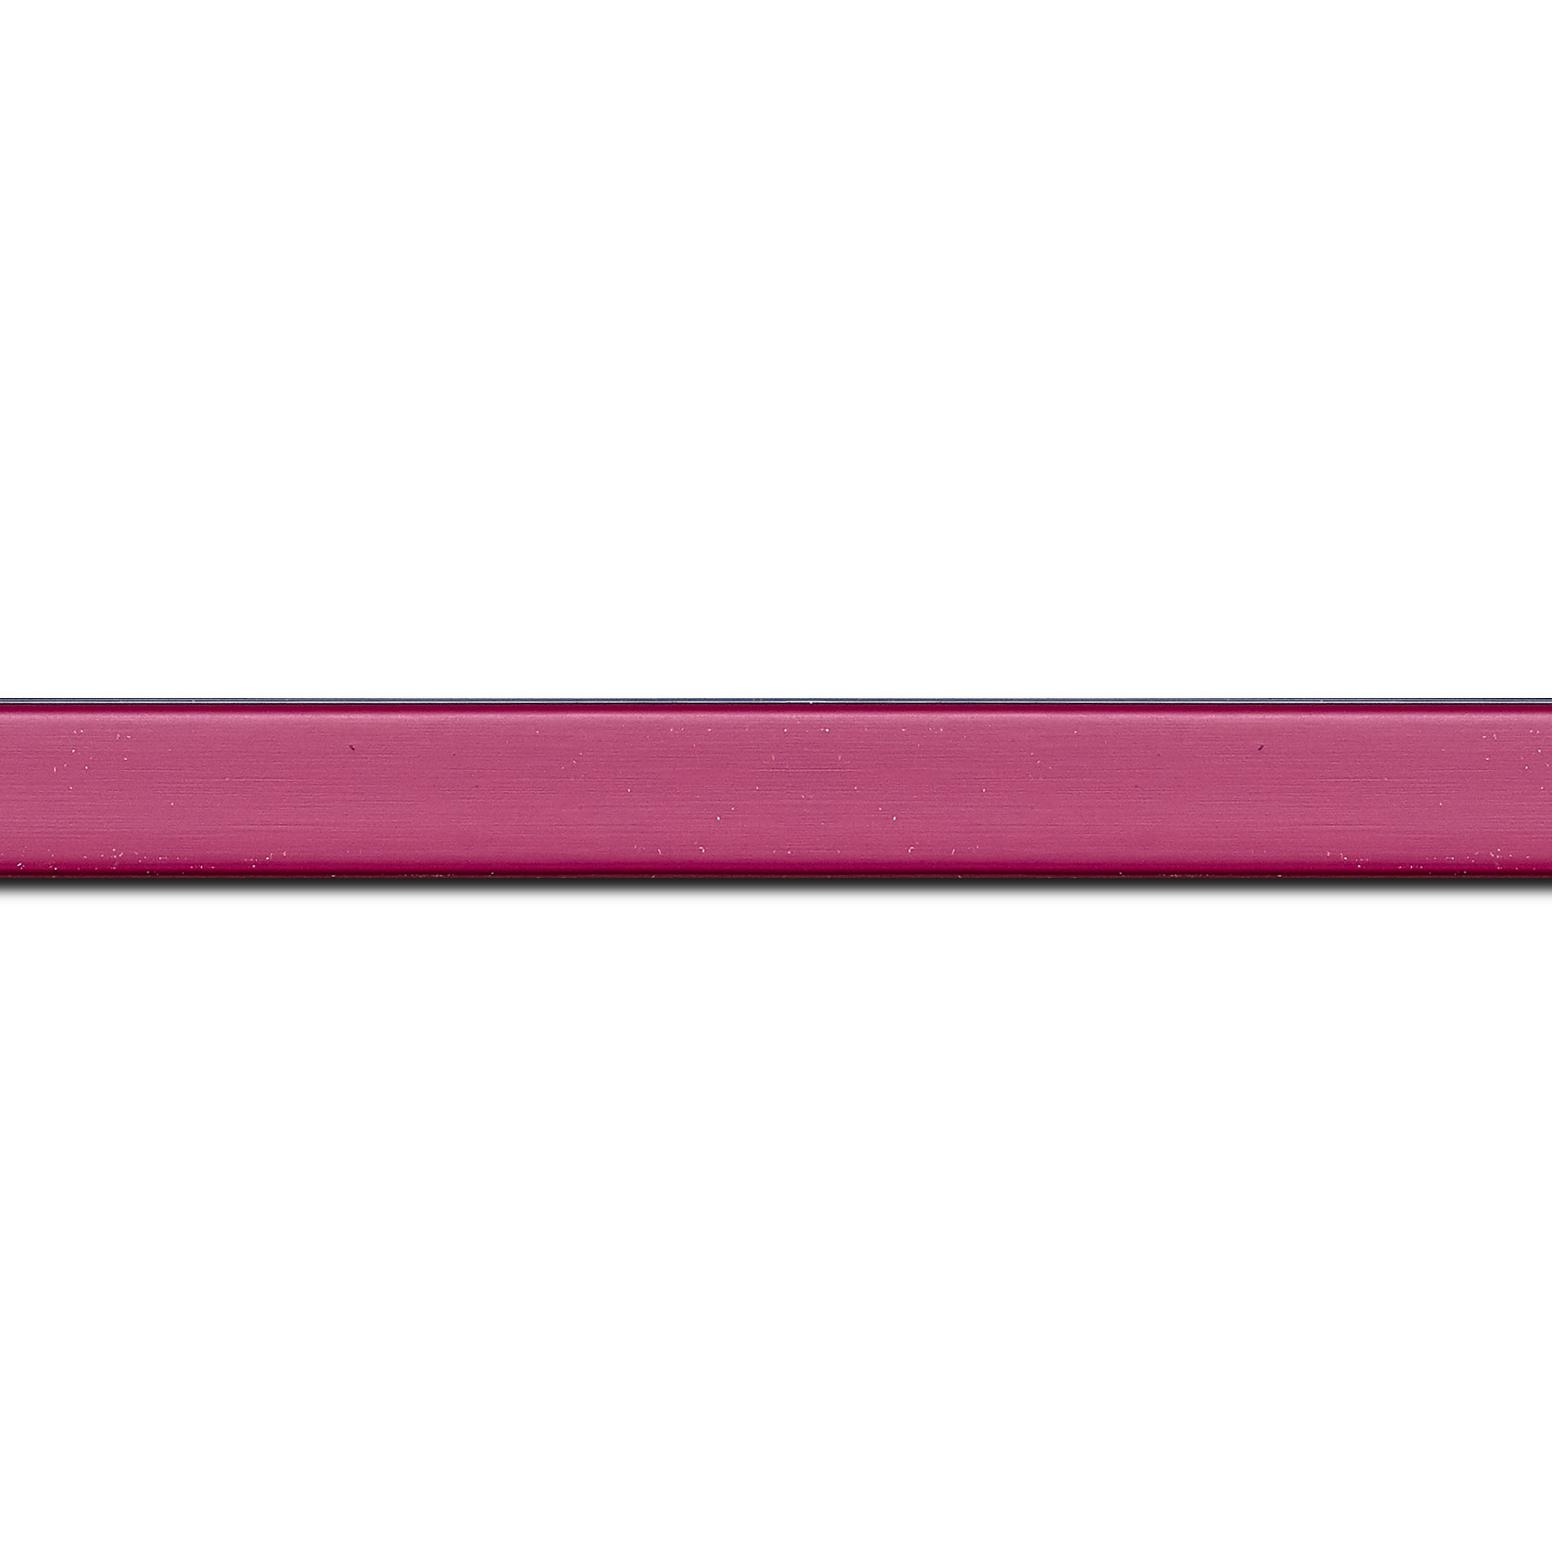 Baguette longueur 1.40m bois profil plat effet cube largeur 1.7cm couleur rose fuchsia satiné